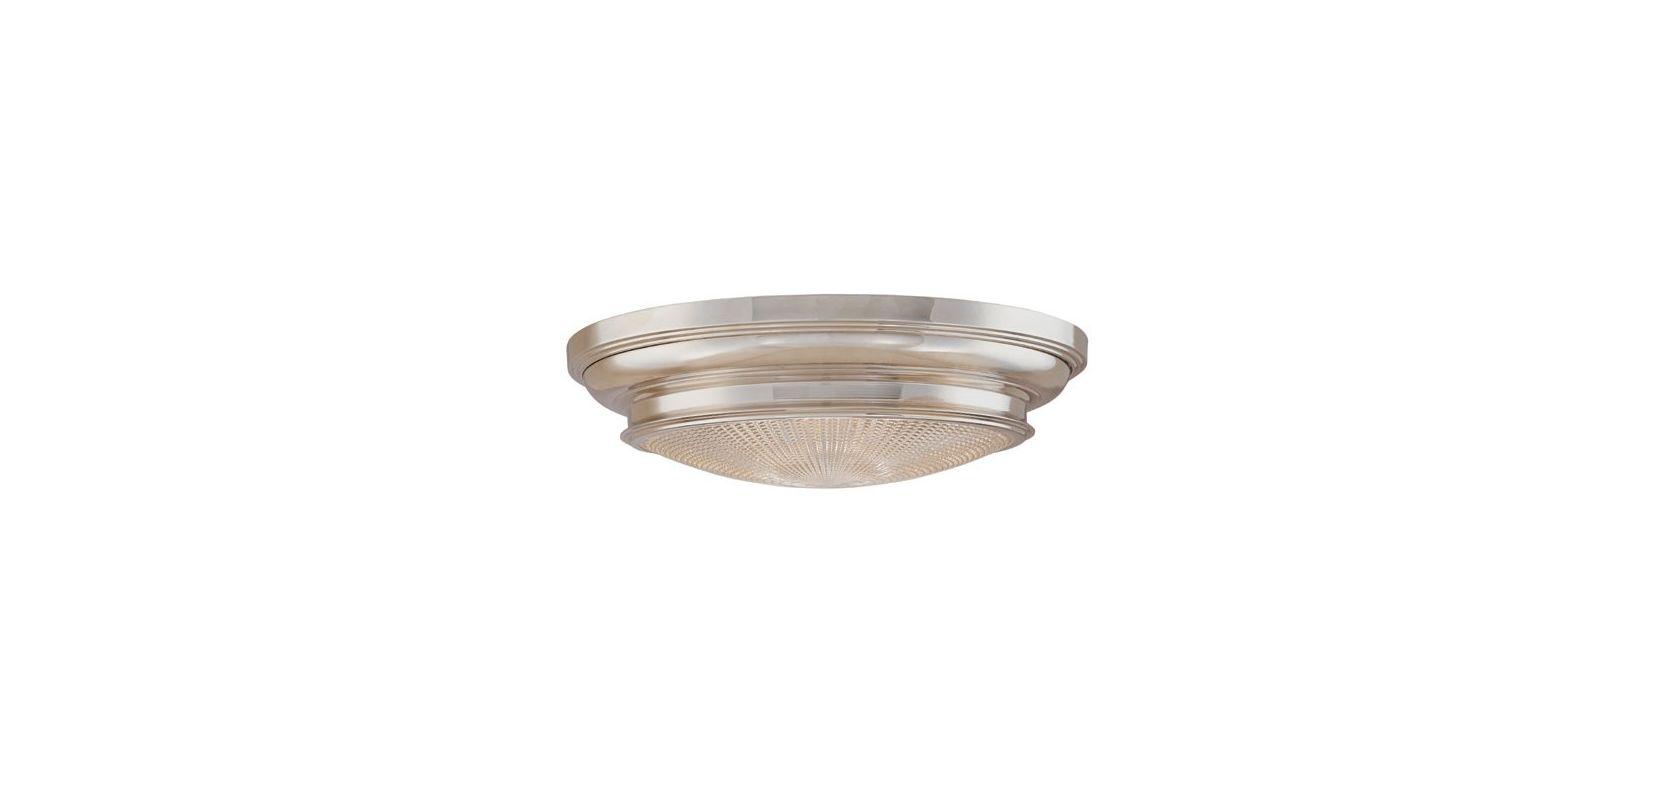 Hudson Valley Lighting 7520 Woodstock 3 Light Flush Mount Ceiling Sale $344.00 ITEM: bci982822 ID#:7520-SN UPC: 806134055783 :